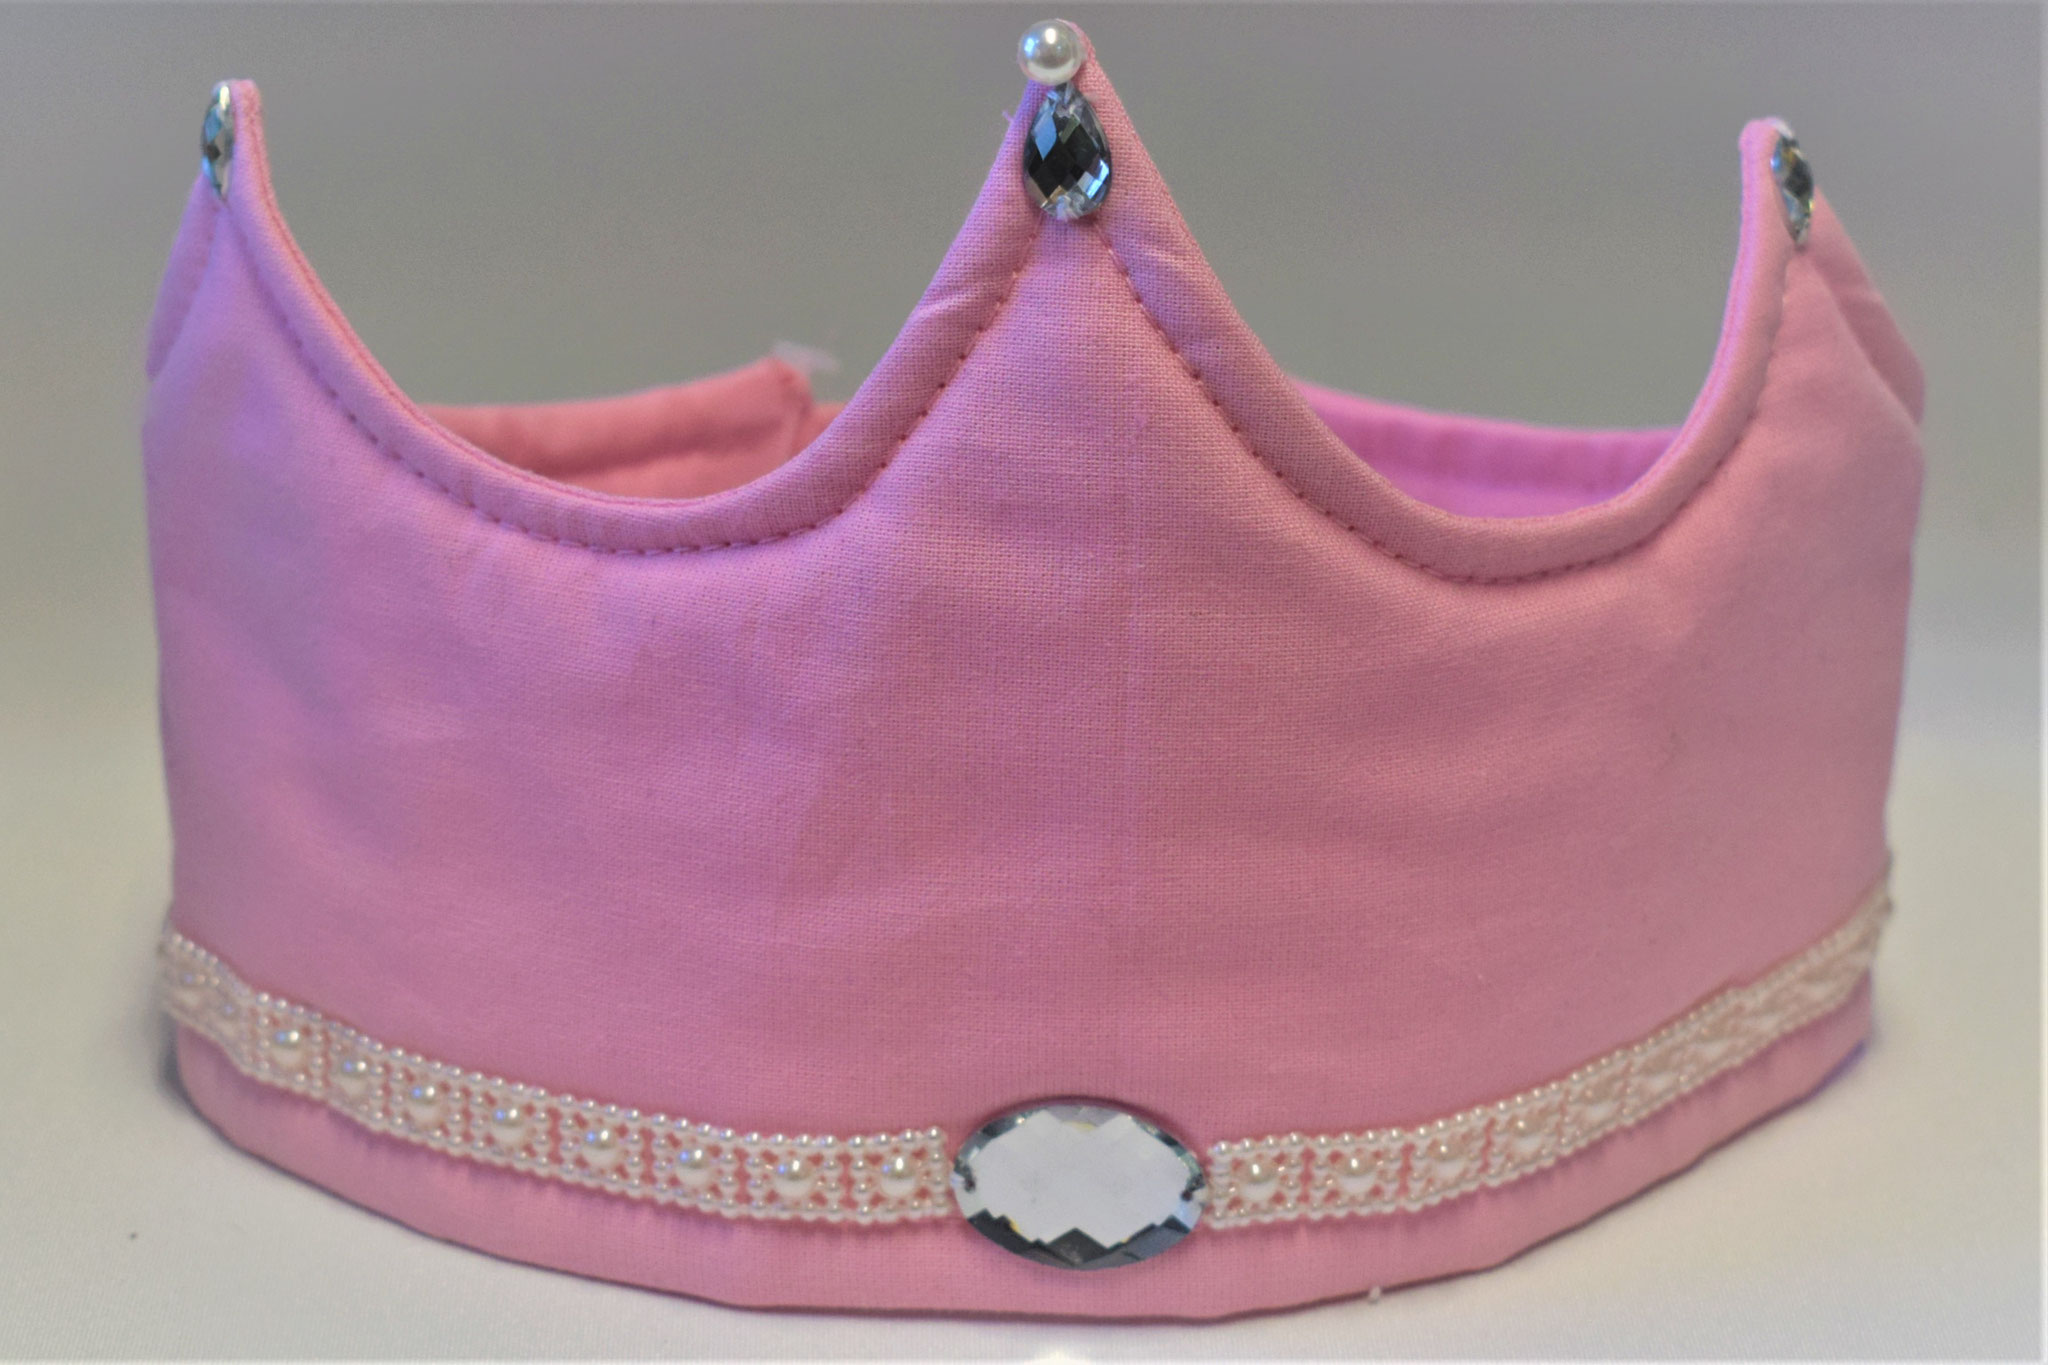 rosa mit Perlenbordüre, 24,90€